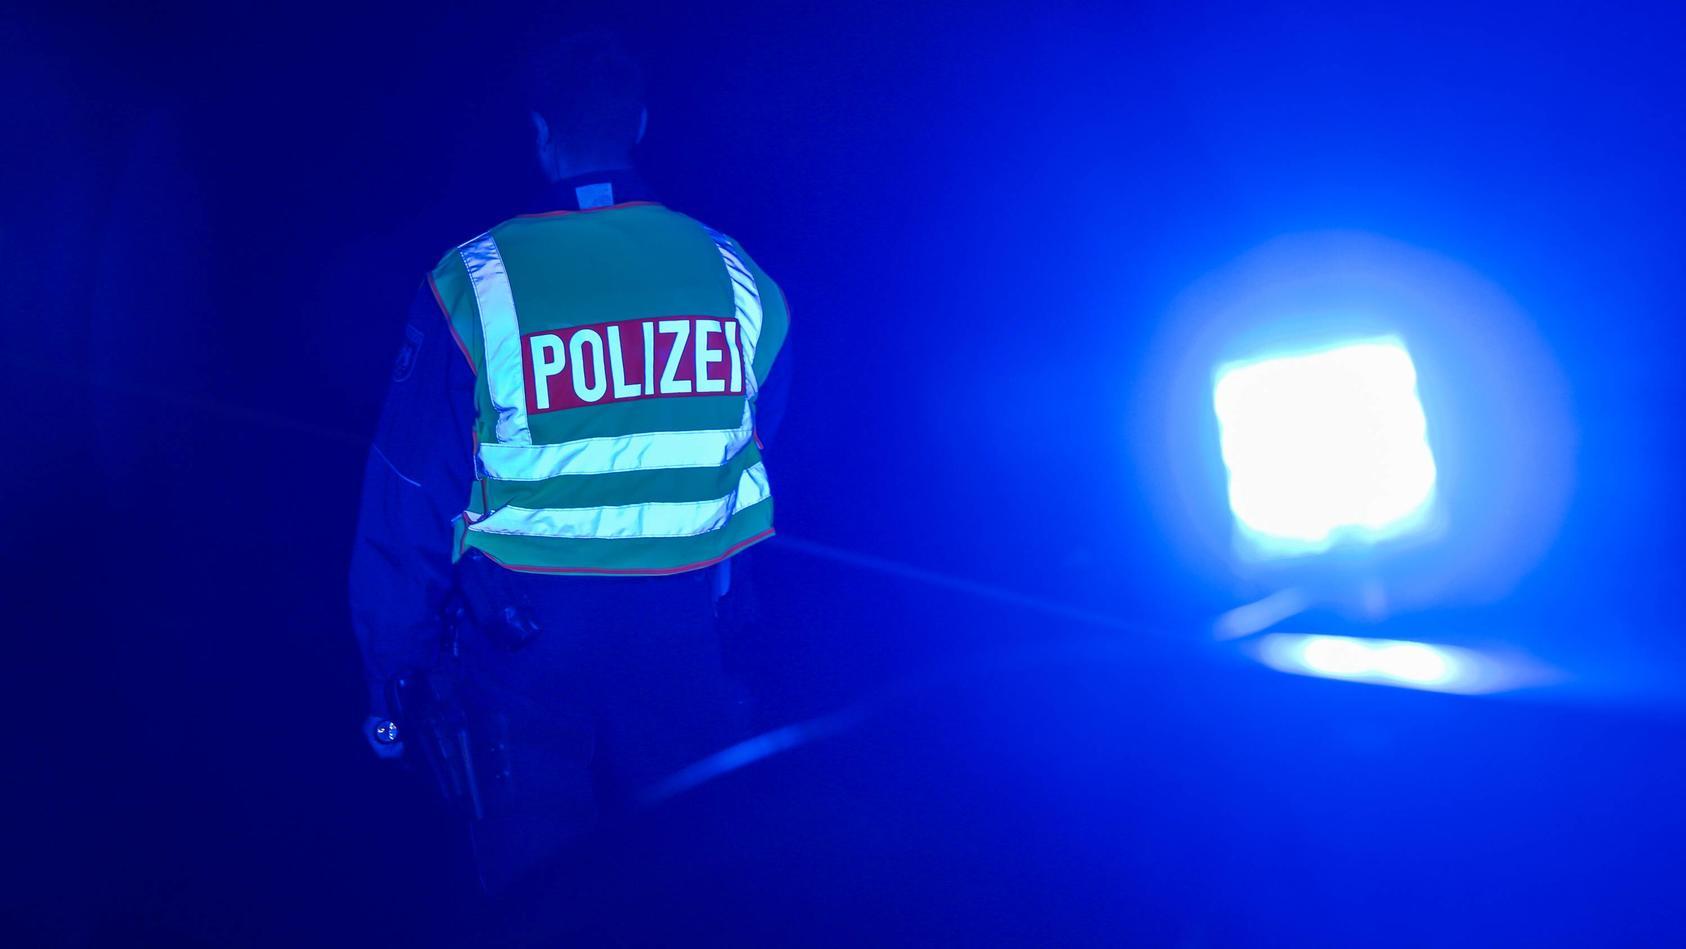 Ein Polizist in Uniform und mit Warnweste steht vor seinem Zivilfahrzeug mit aufgesetztem Blaulicht